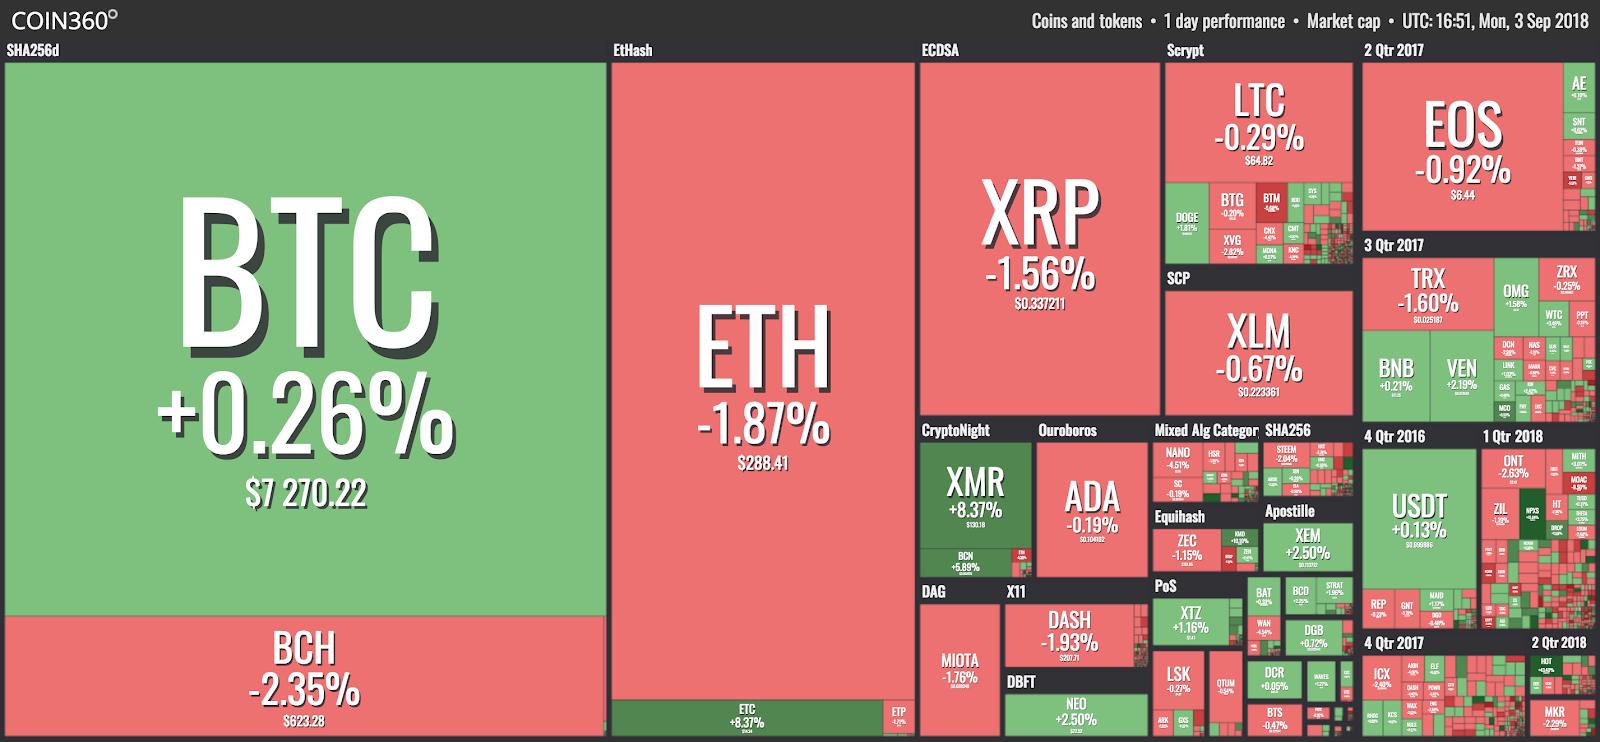 Visualização do mercado do Coin360